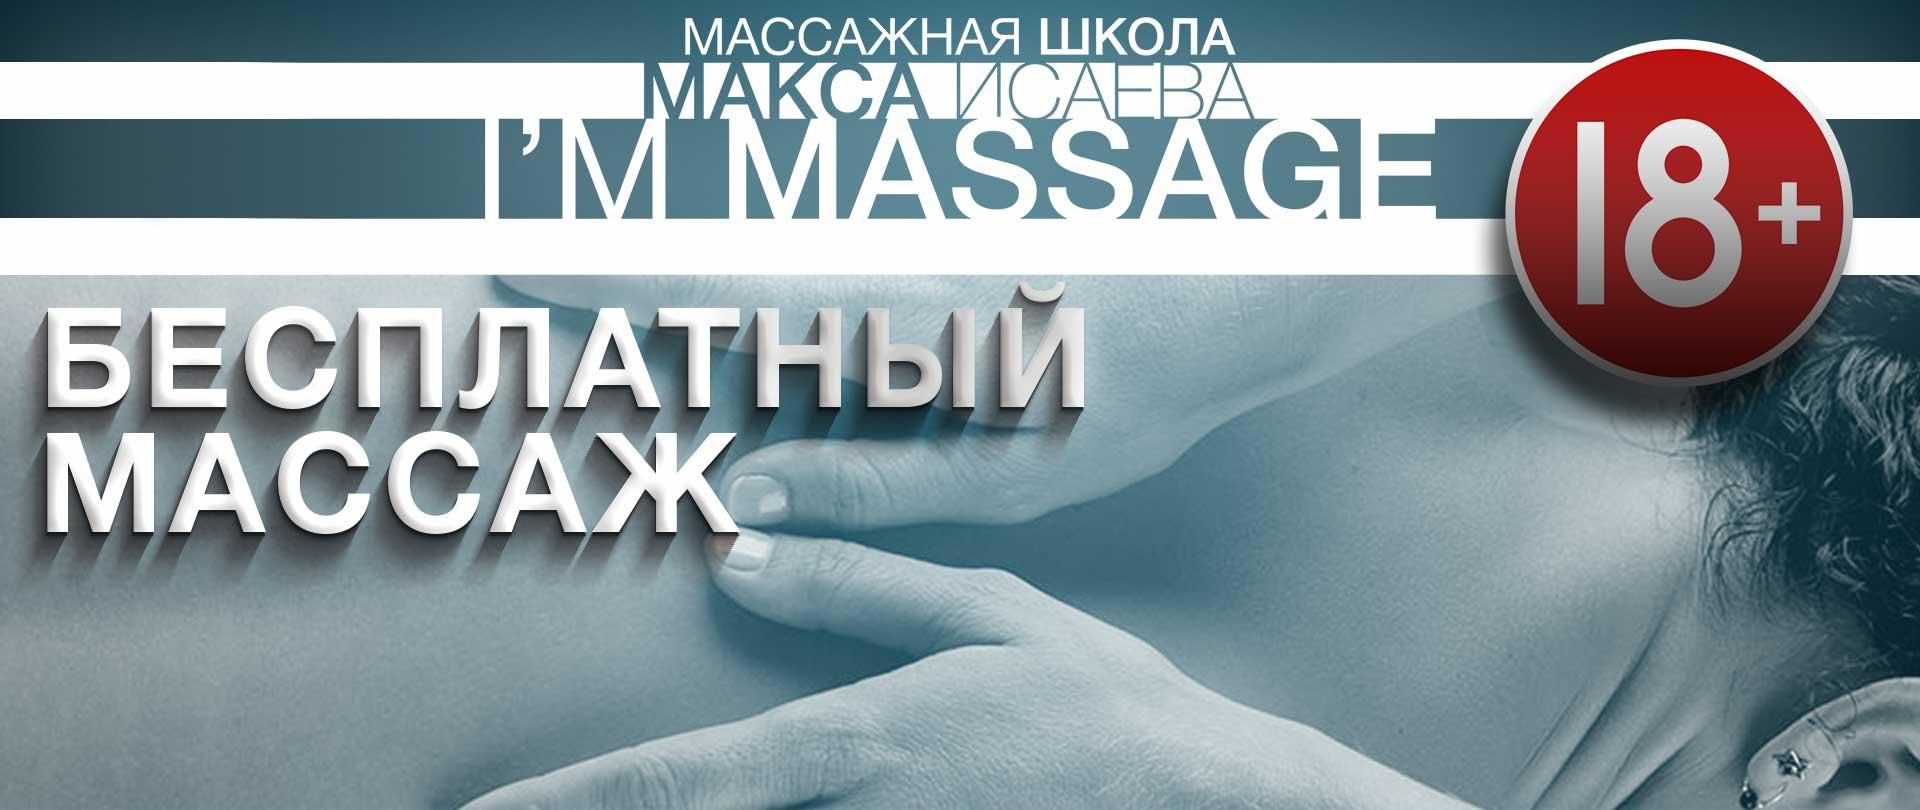 бесплатный массаж макс исаев